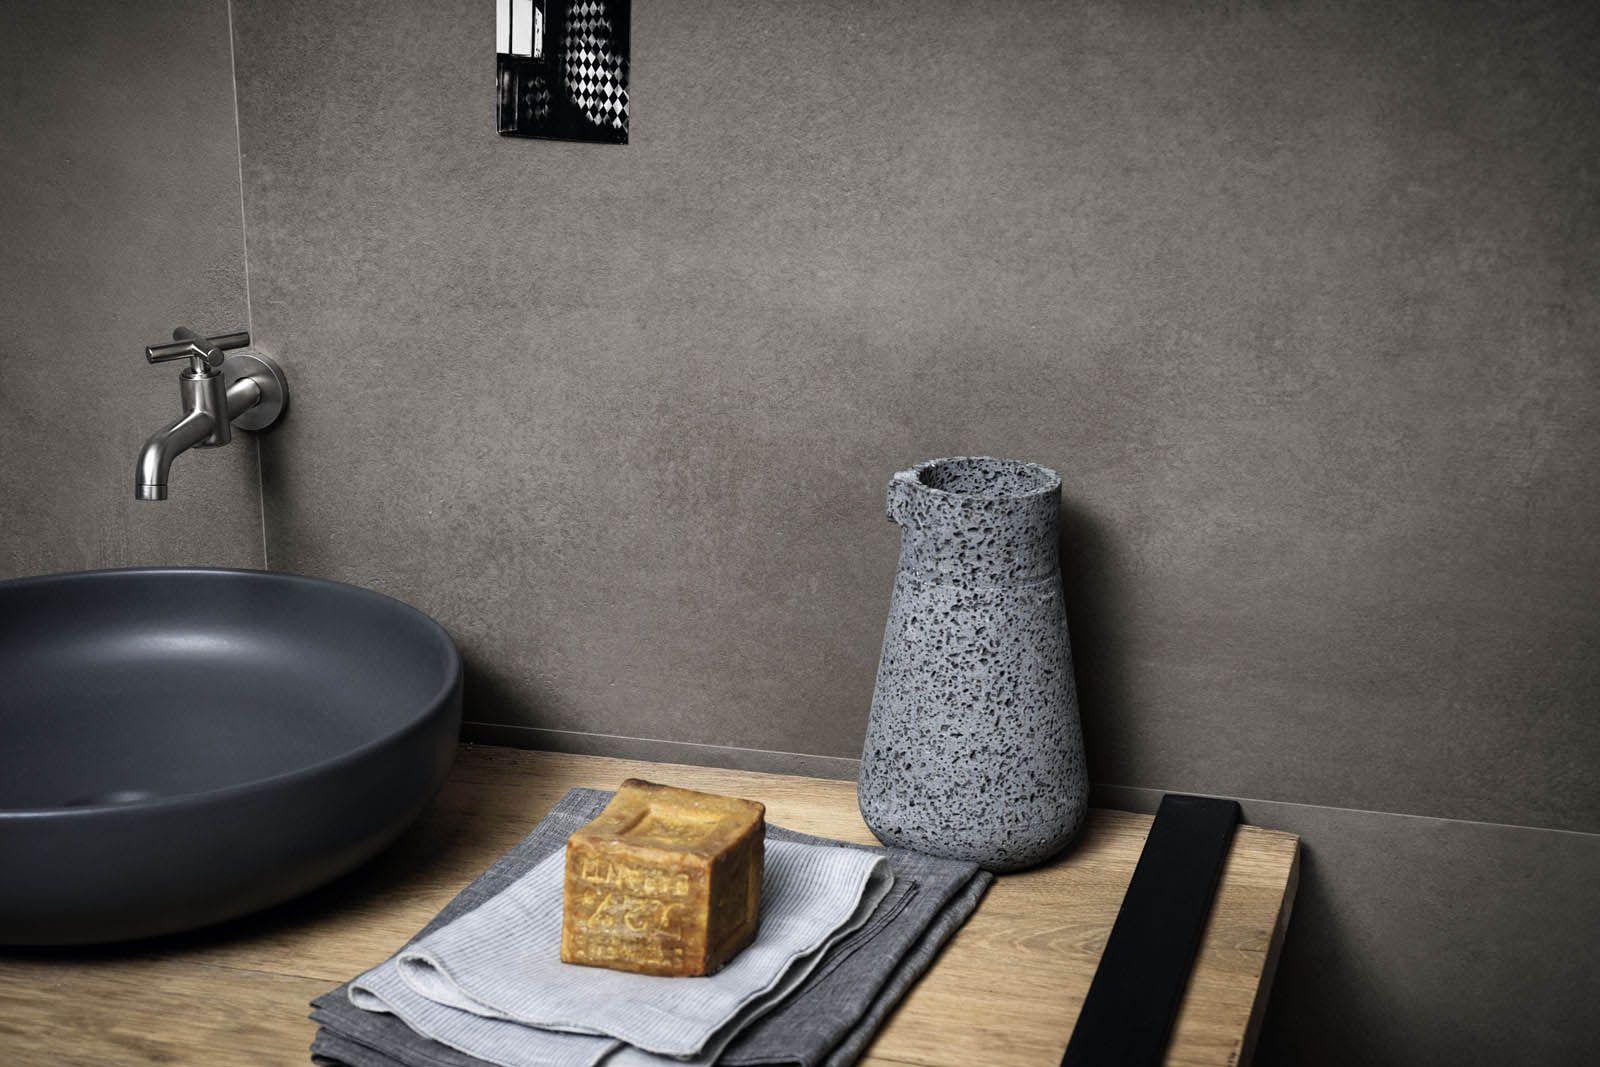 Fliesen für das Bad: Gestaltungsideen mit Keramik und Feinsteinzeug ...